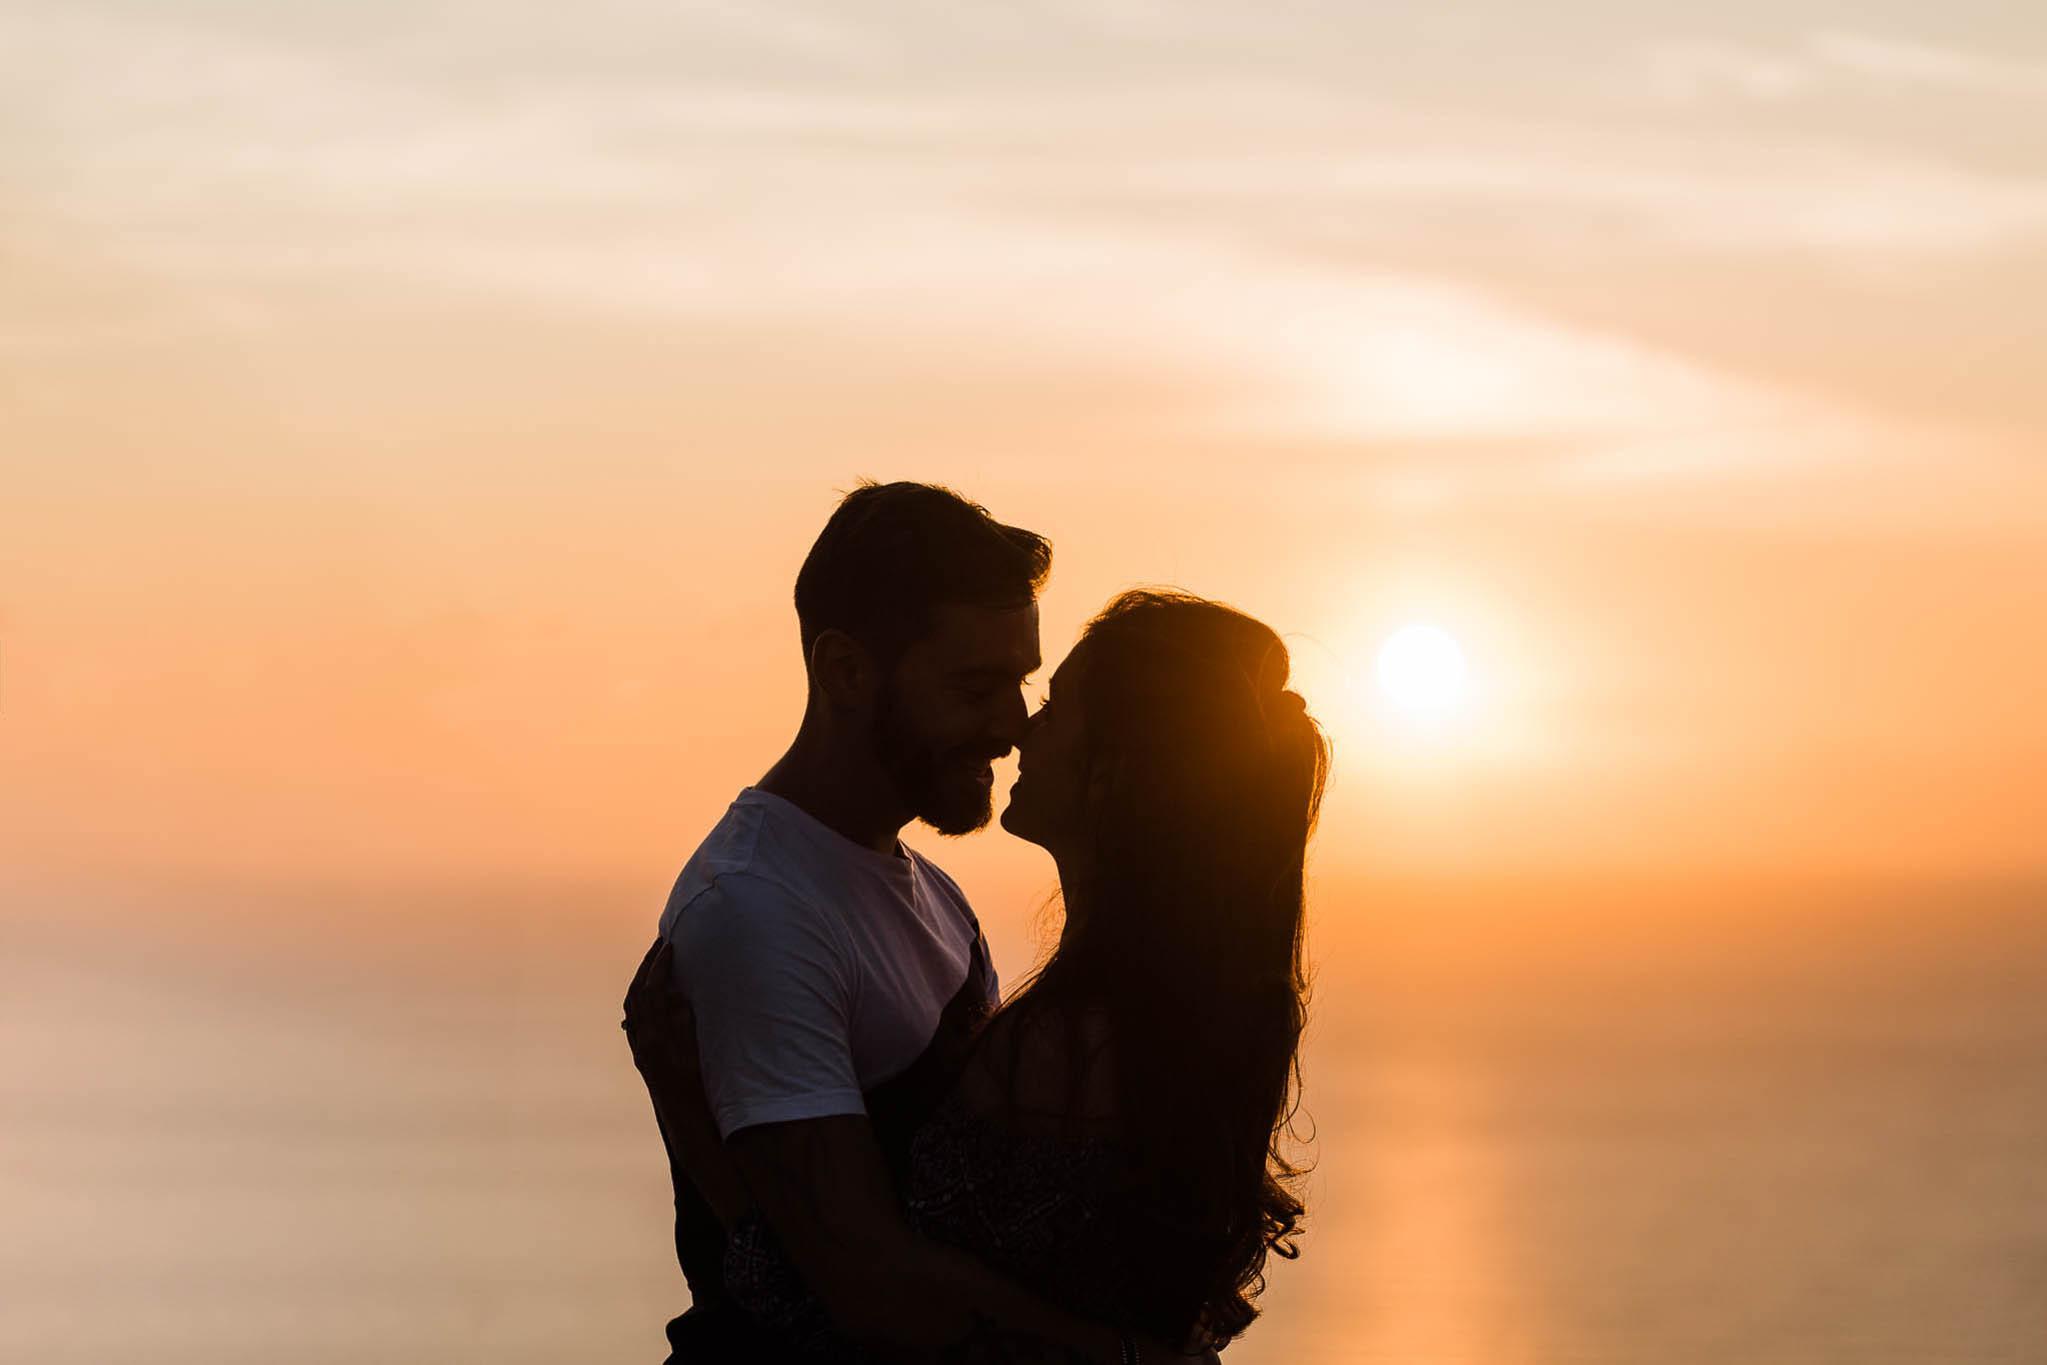 Couple's photo shoot on beach at sunset